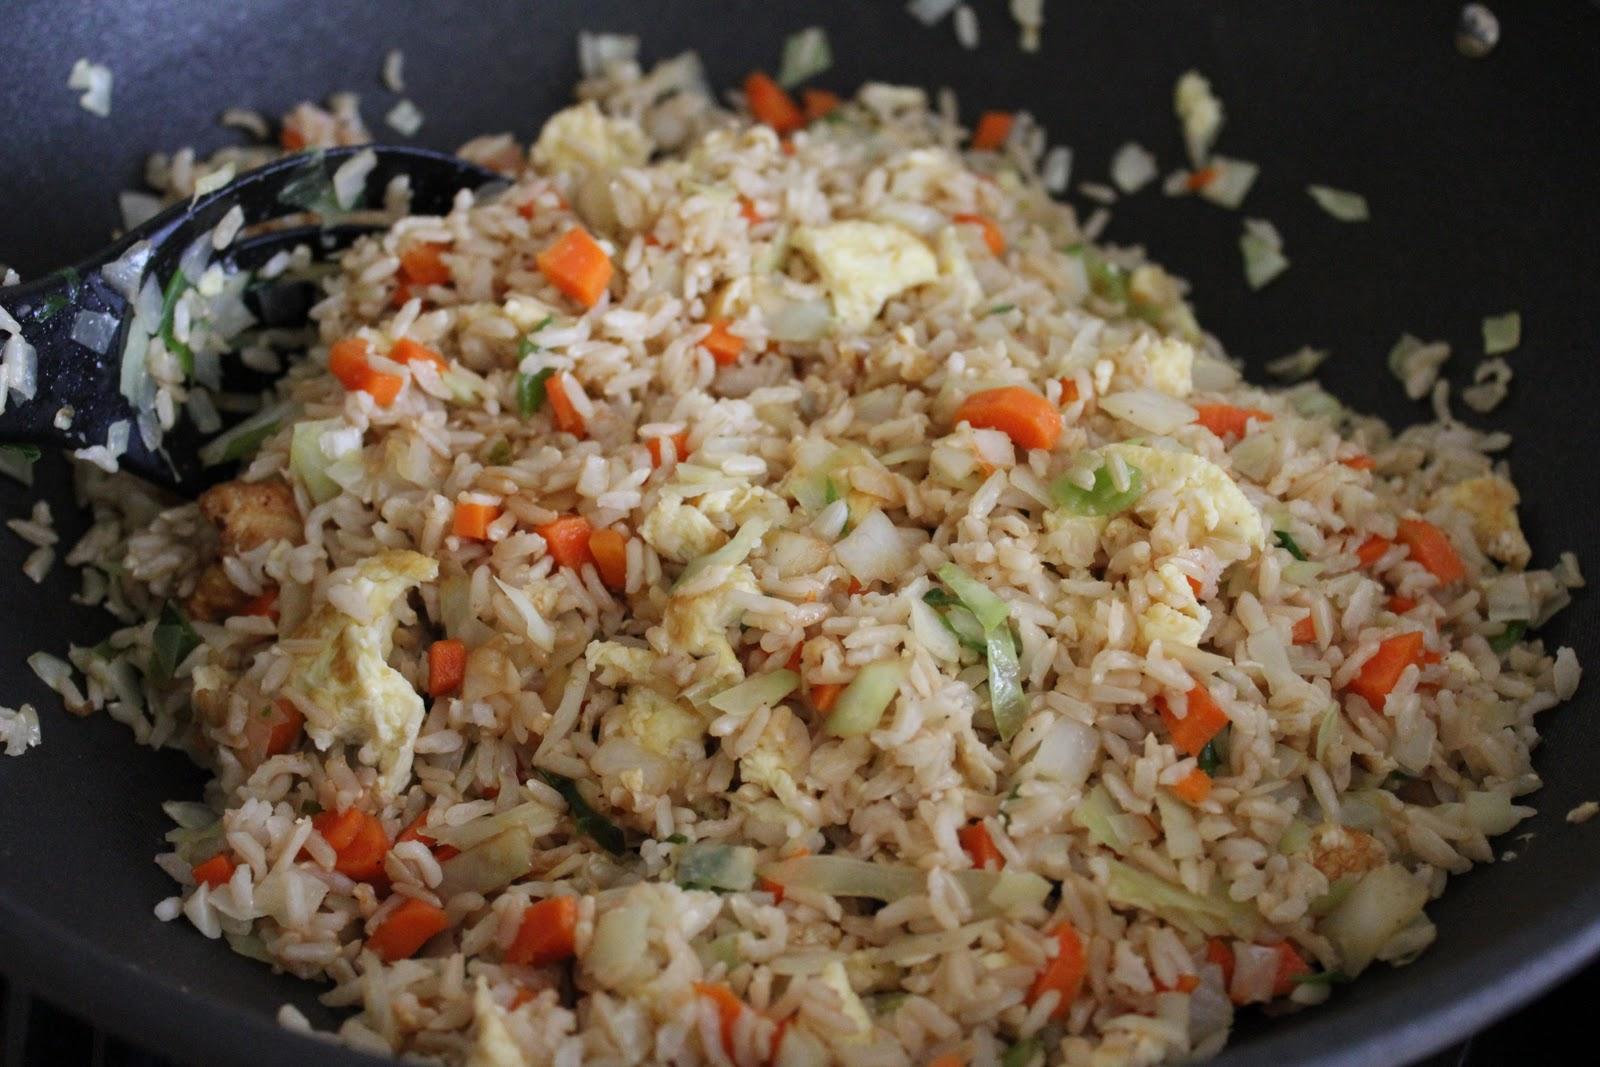 Вегетарианский рецепт фаршированного перца рисом и морковью, с водорослями нори и паниром.